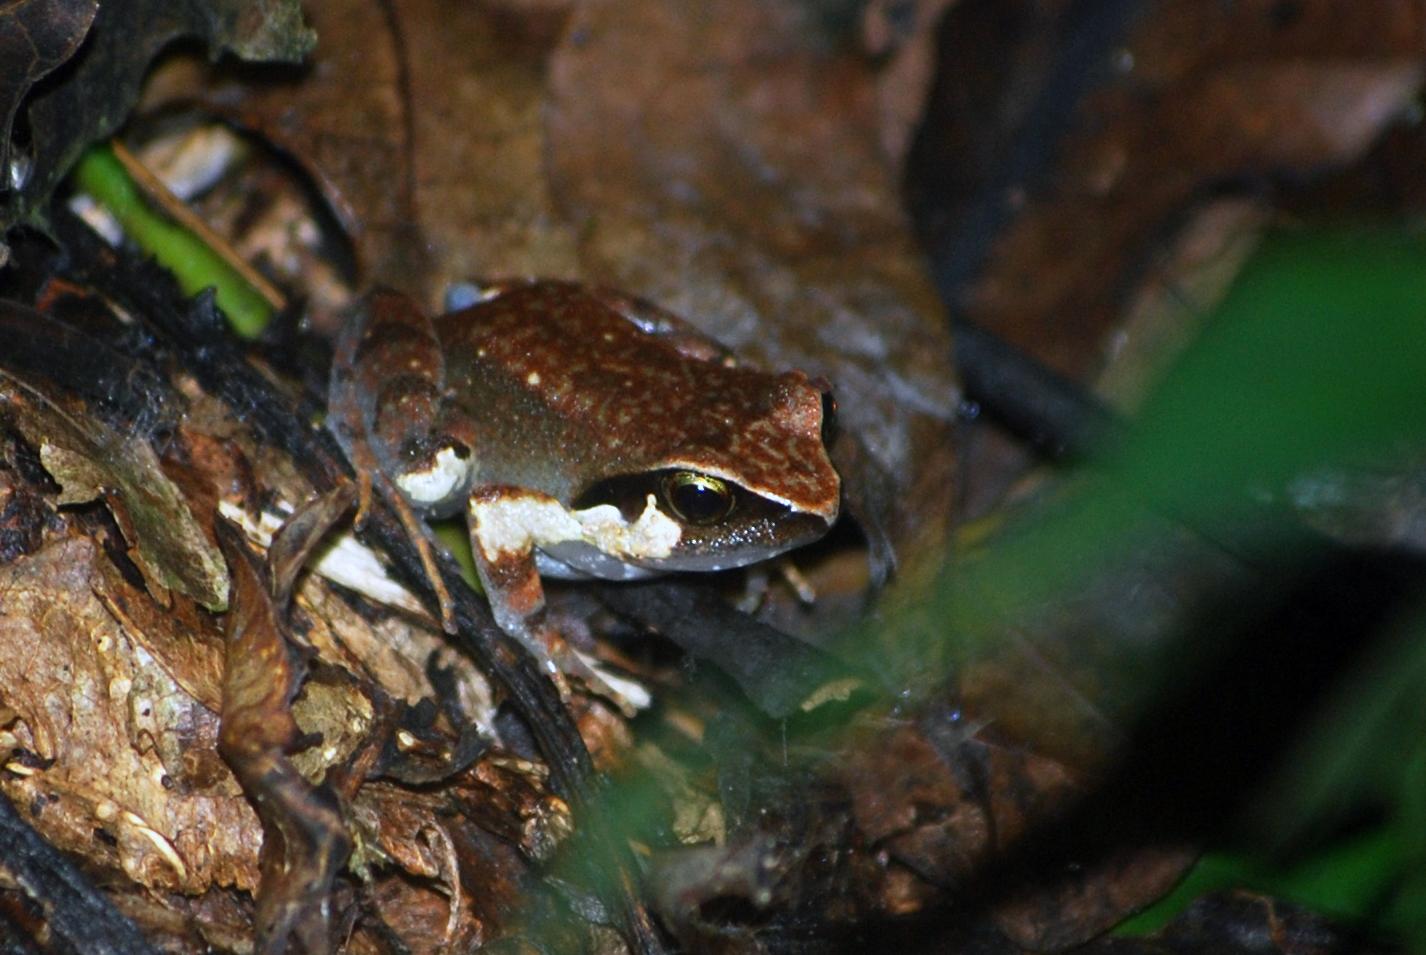 Buea Screeching Frog